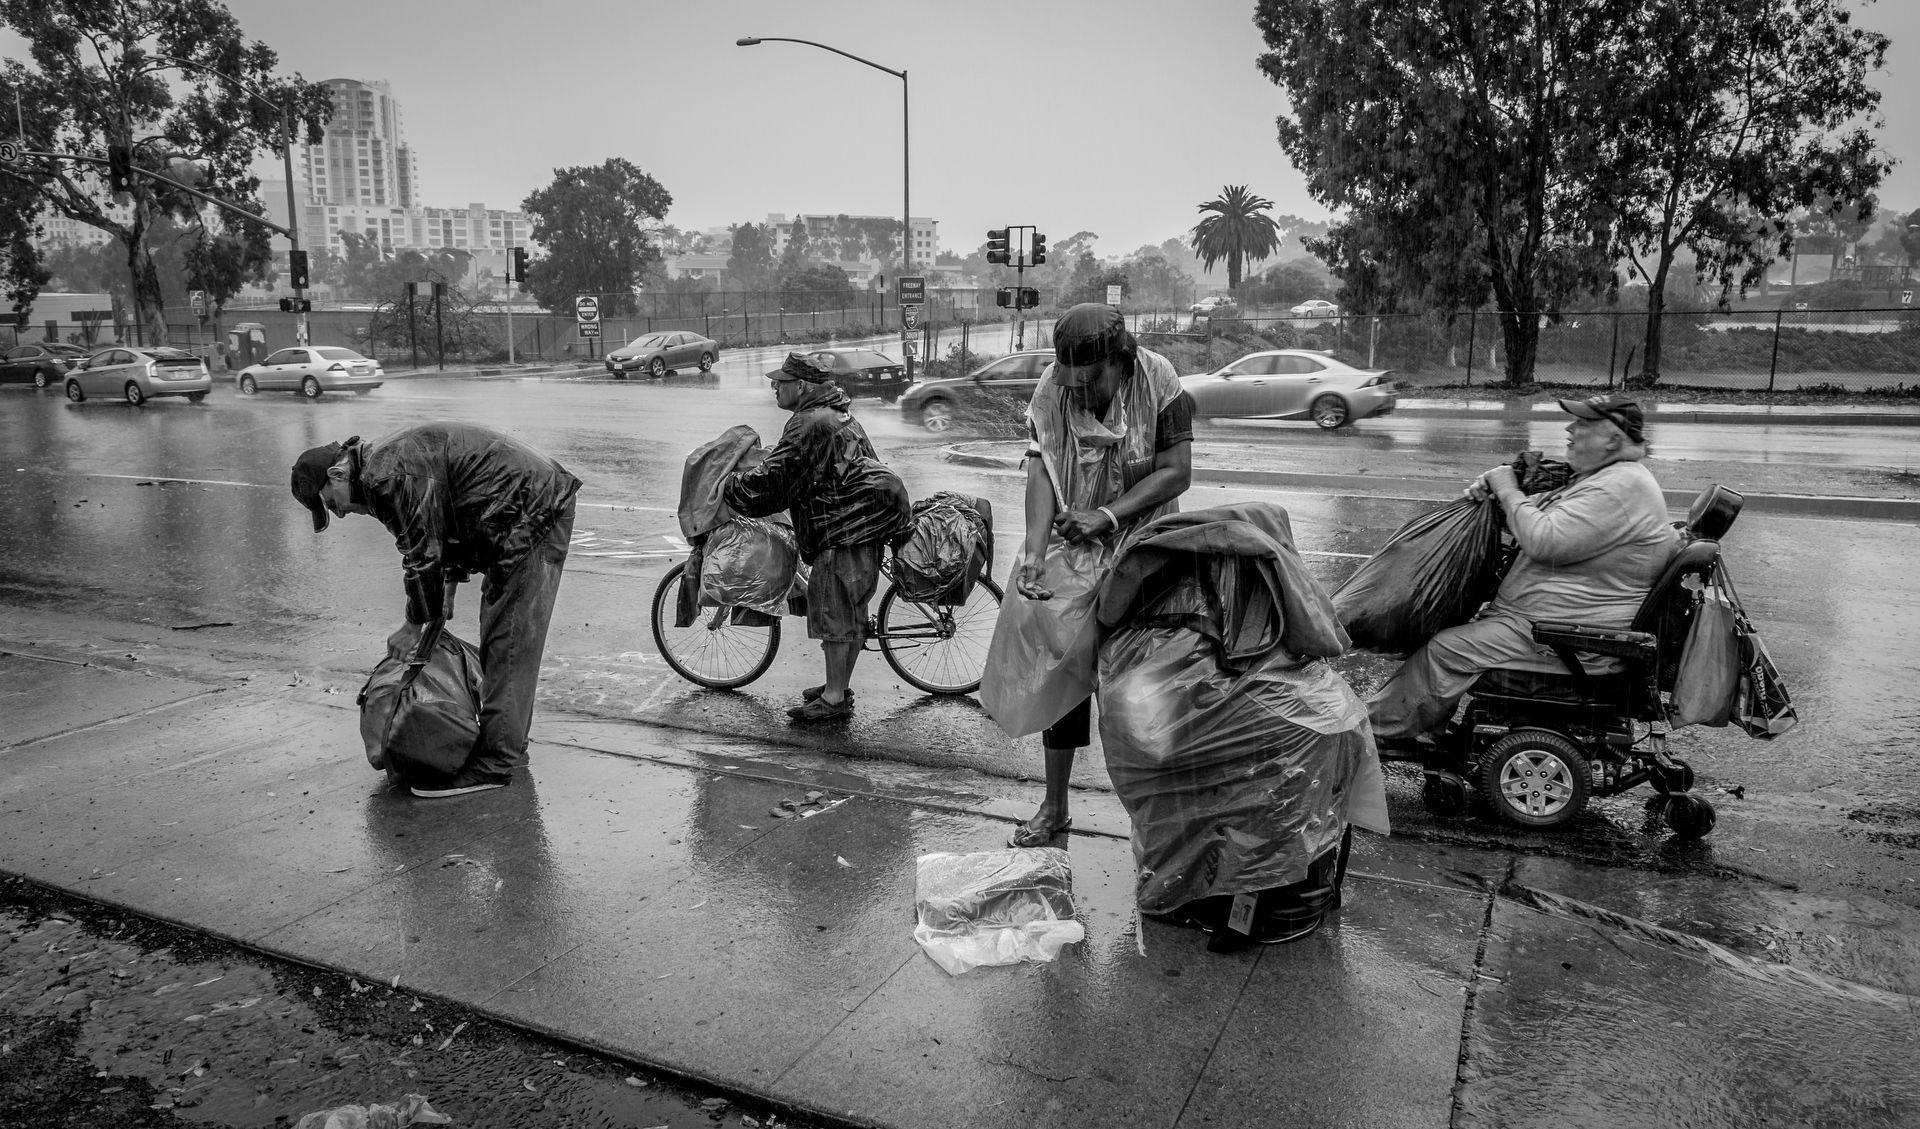 Missing in Action: Homeless Women Veterans - 5